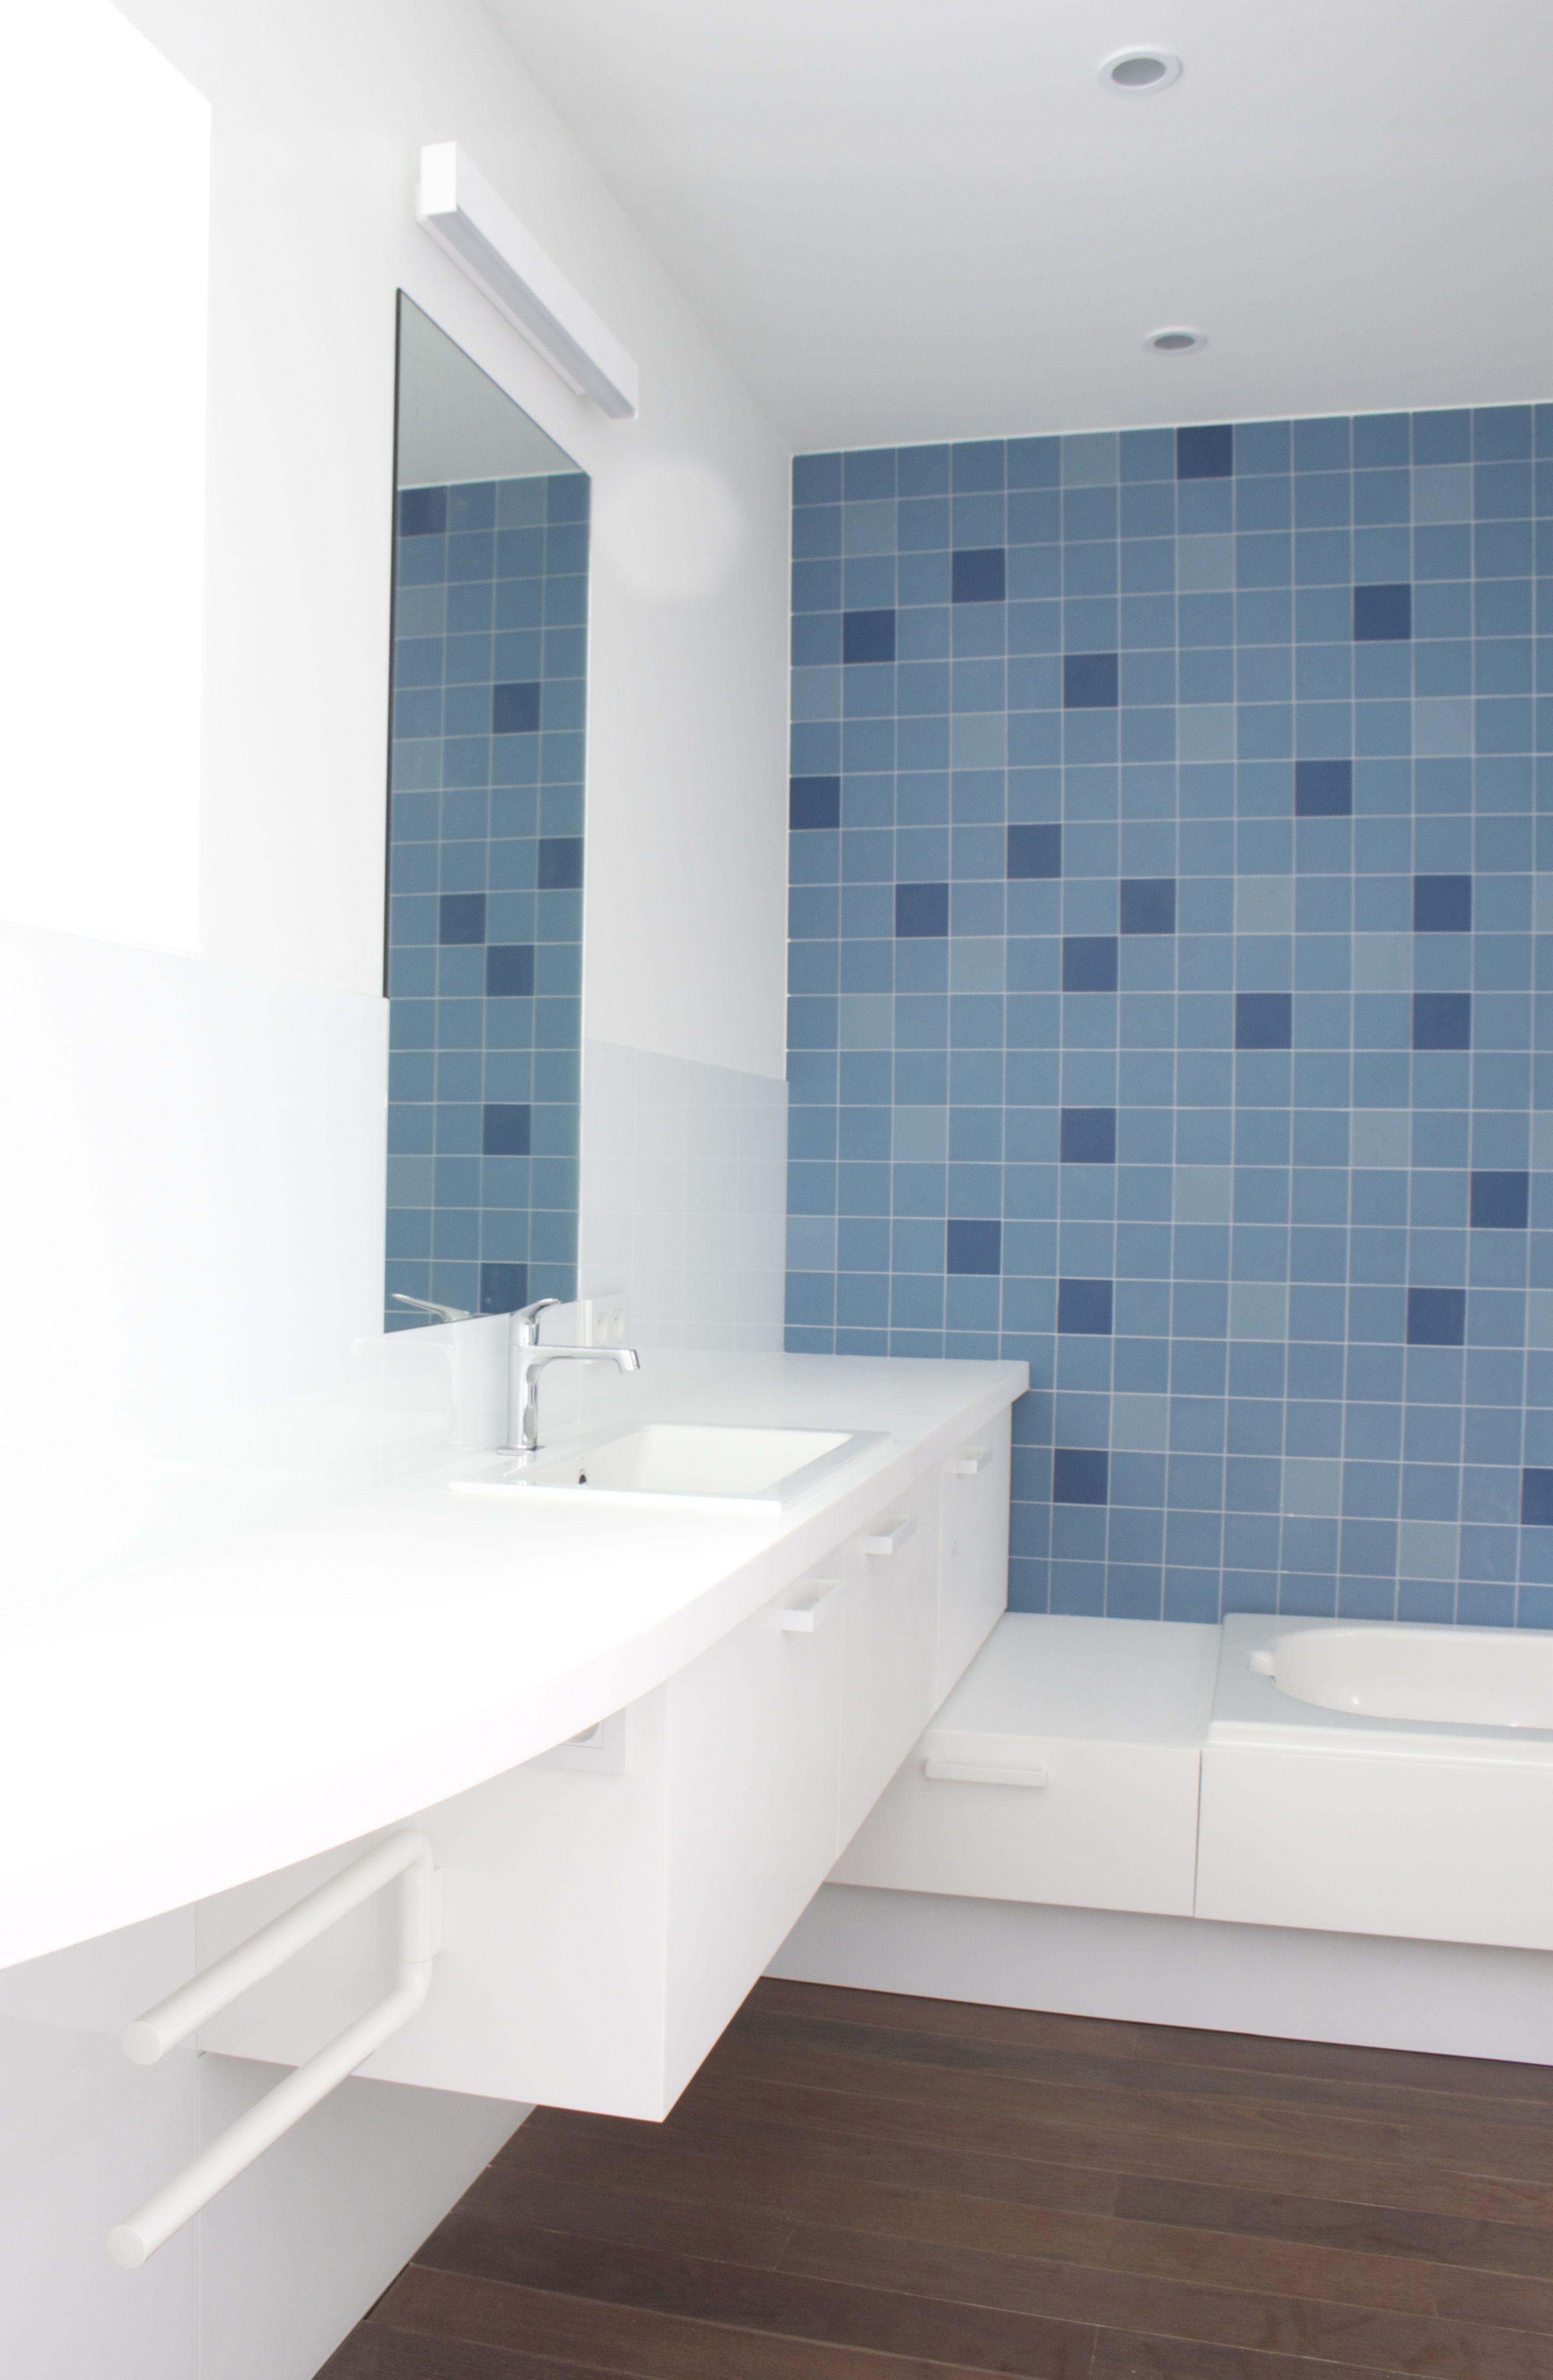 Cottage Renovations Progress Report And Next Steps: Badkamer Mindervaliden Kalmthout 2014 (badkamer, Bathroom, Mindervaliden, Winckelmans